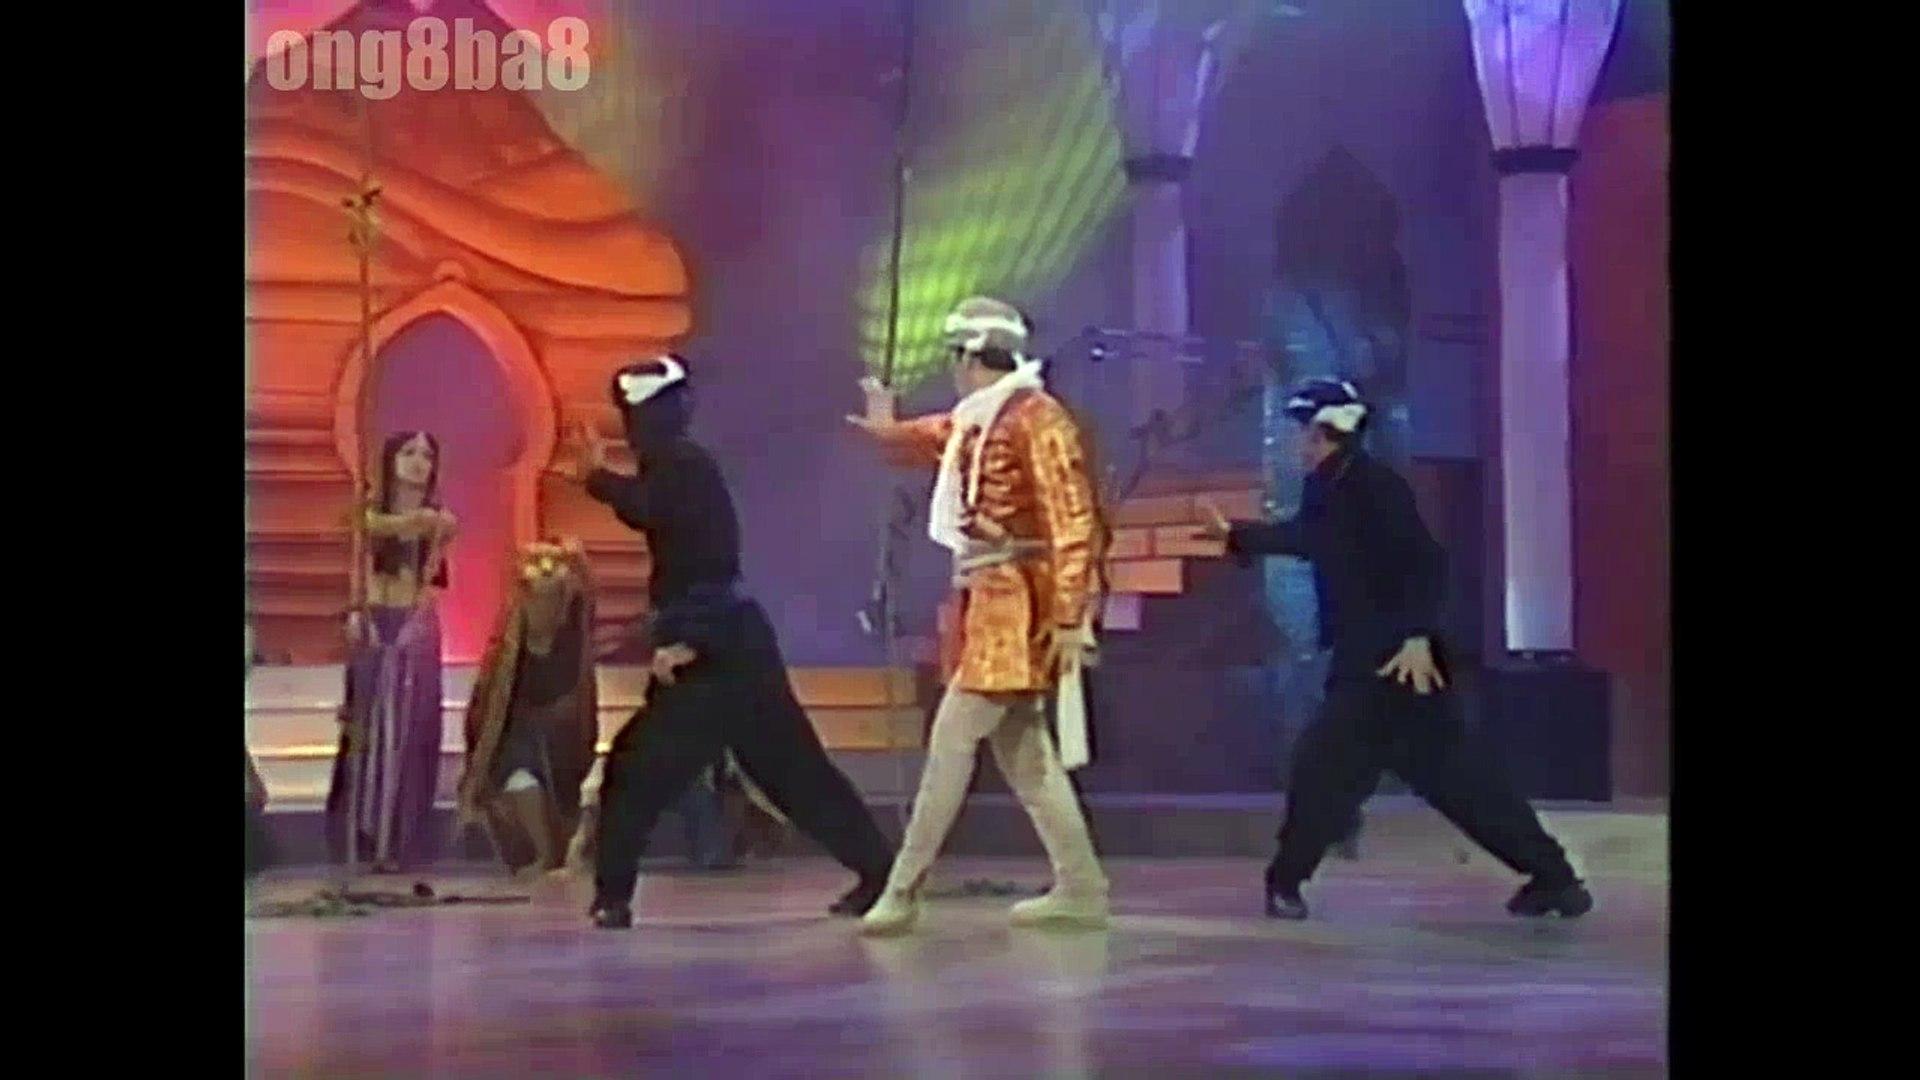 Don Hồ & Châu Ngọc - Mối duyên tình sâu ( Hãy yêu nhau ) मेड इन इंडिया Made in India (1998)